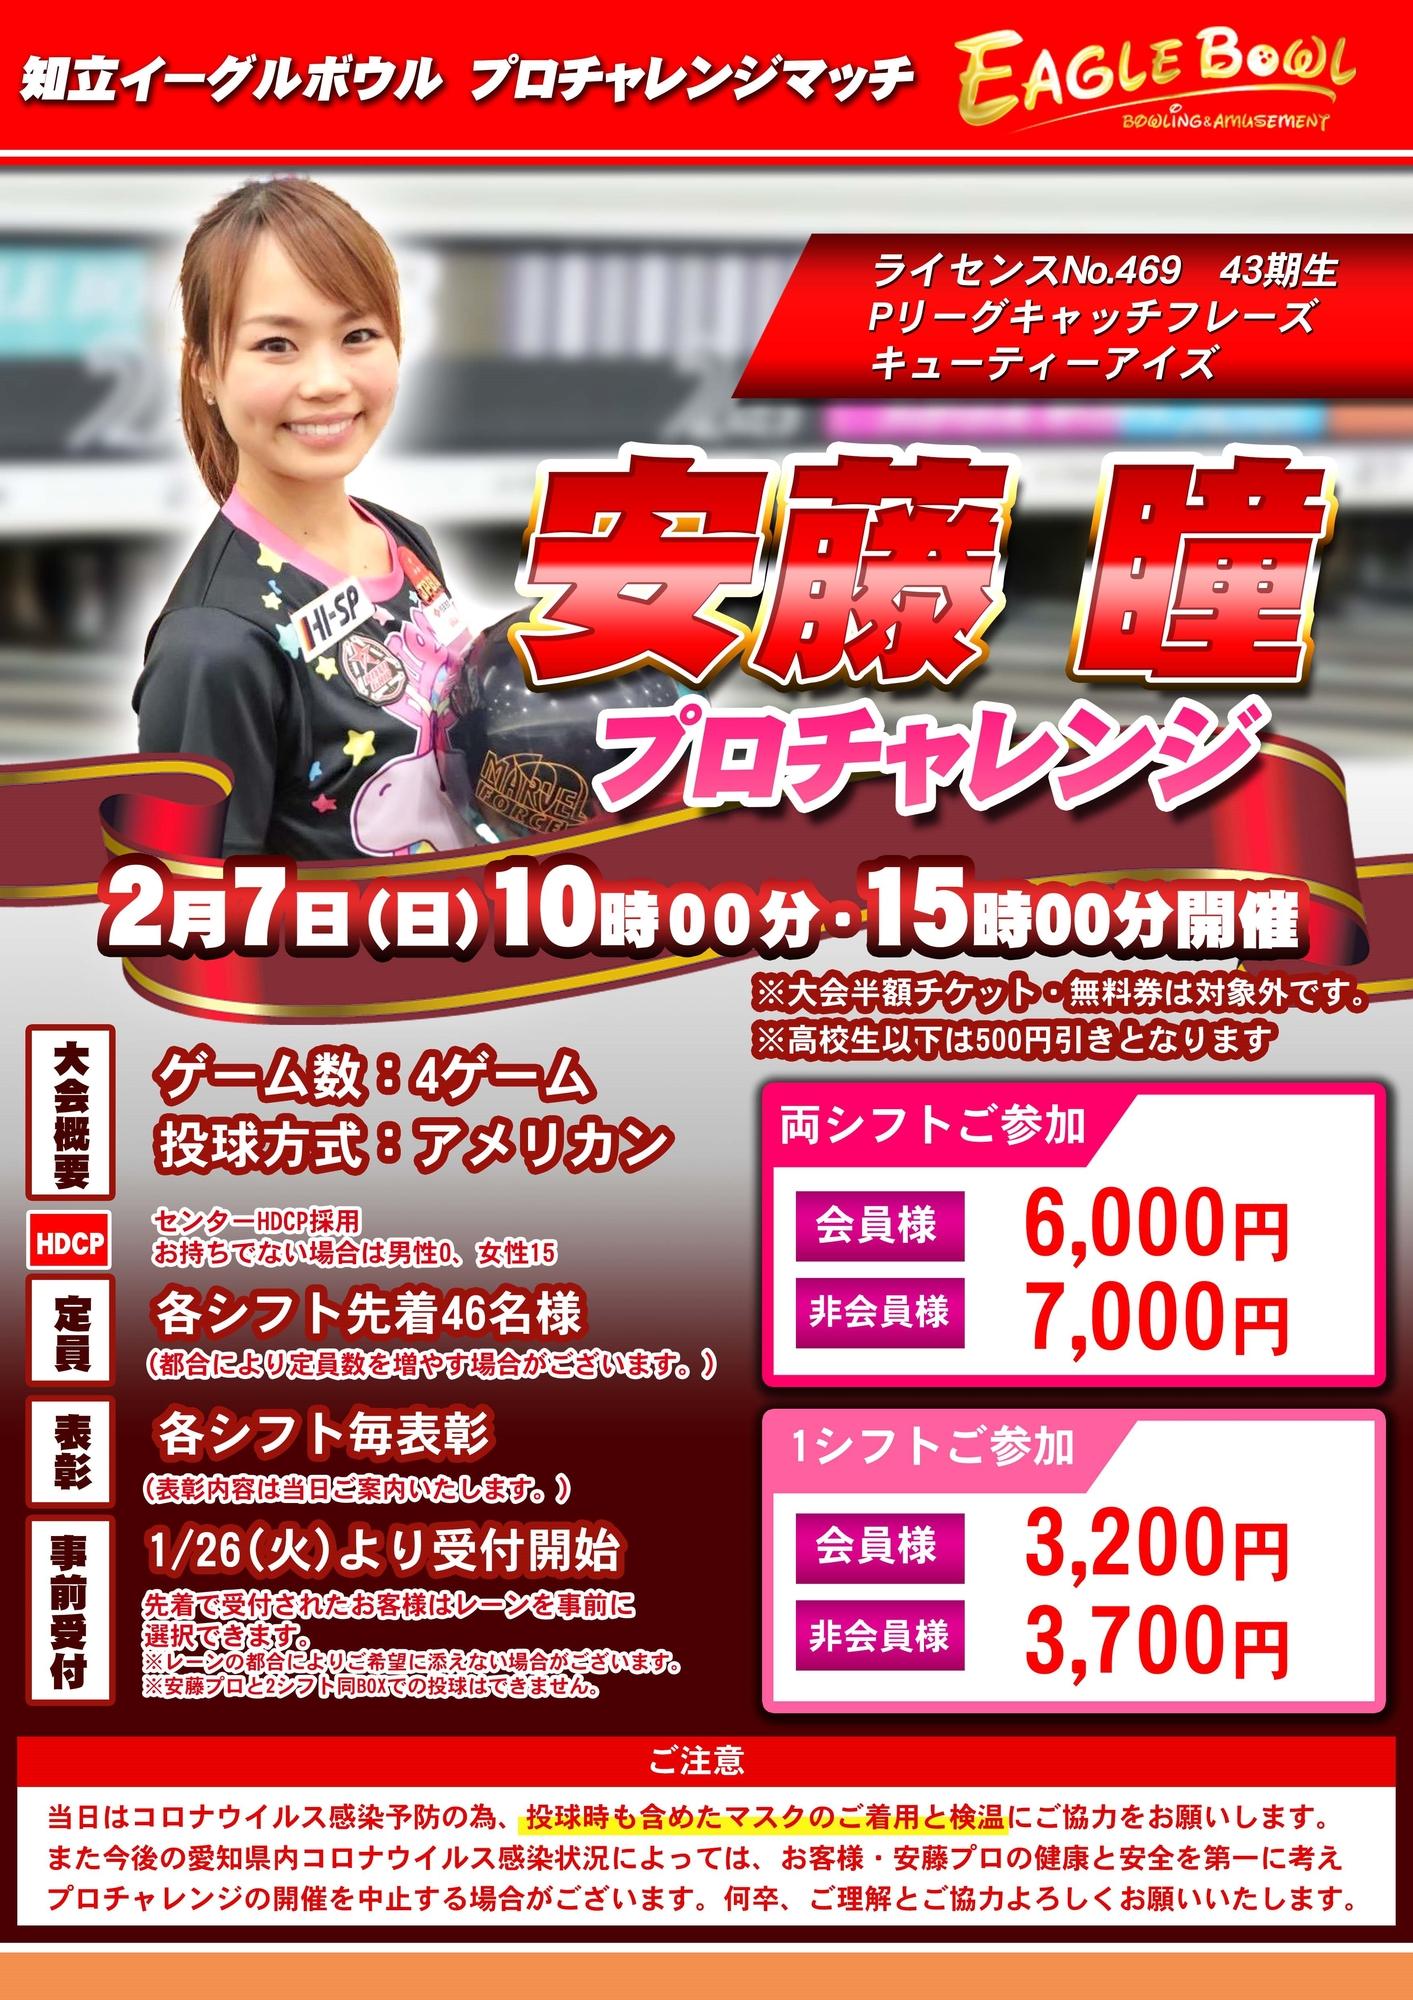 2/7 安藤瞳プロチャレンジ